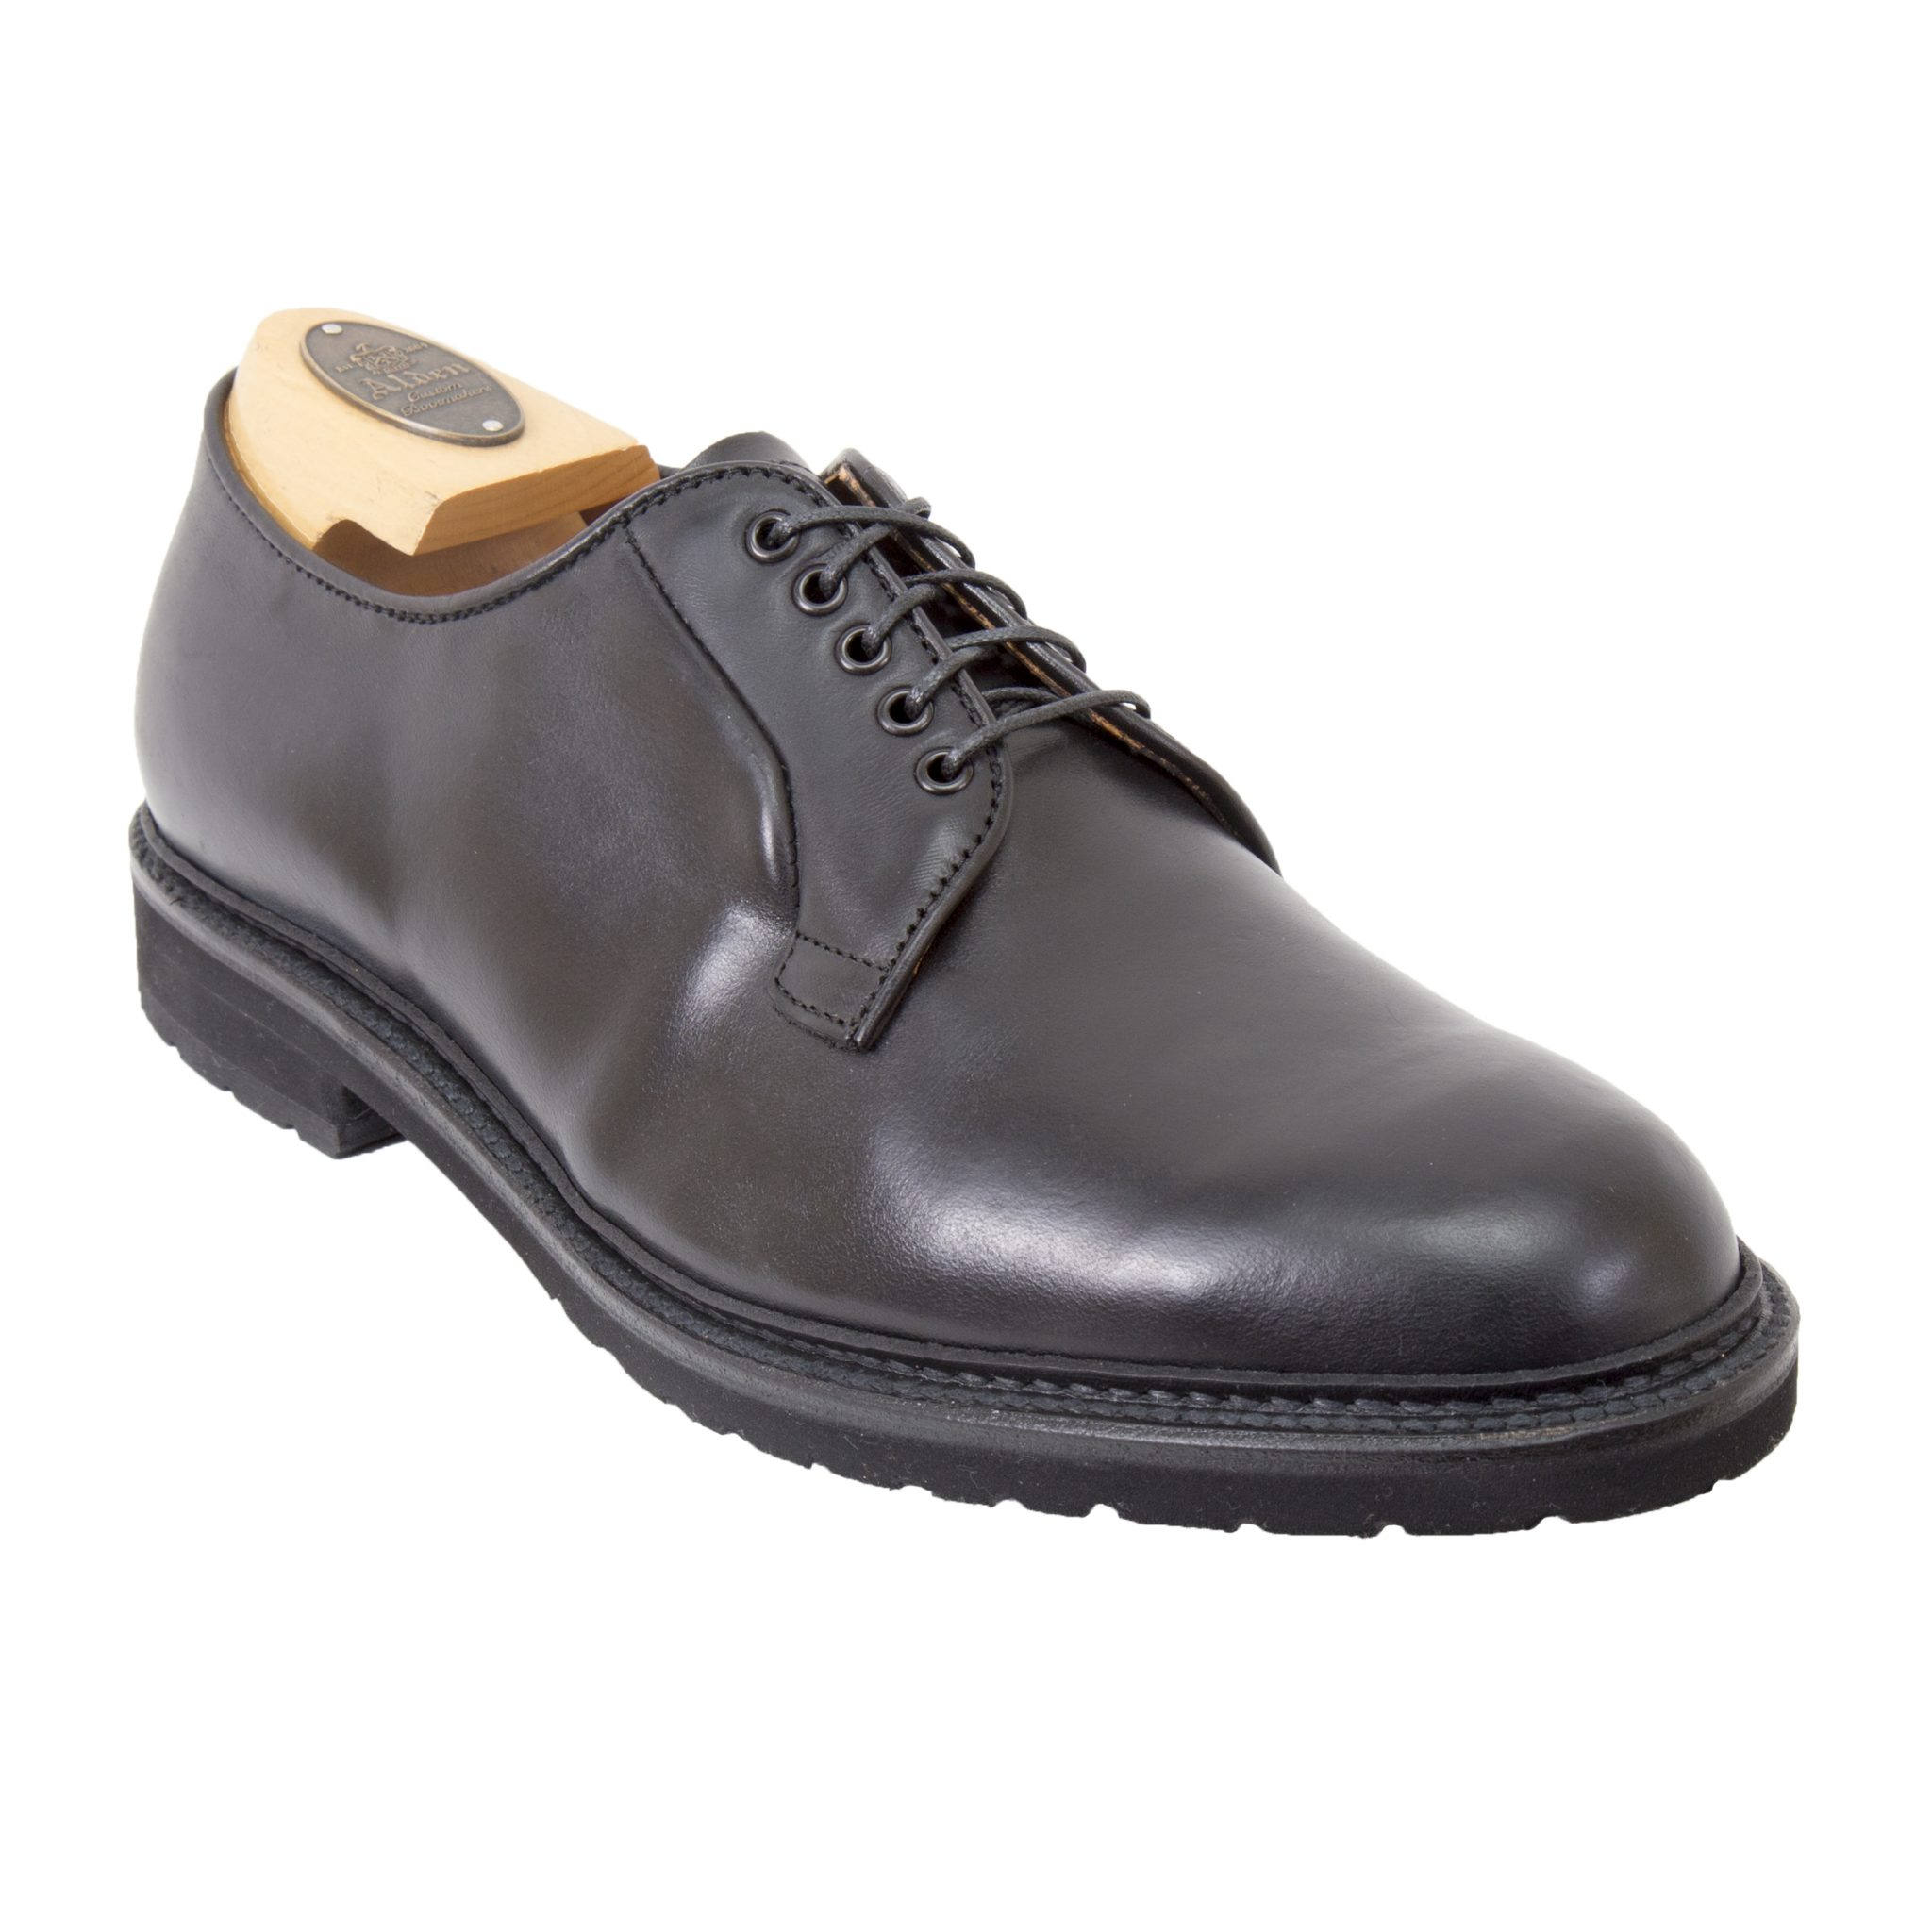 Plain toe blucherblack chromexcel9435s alden shoes for The alden